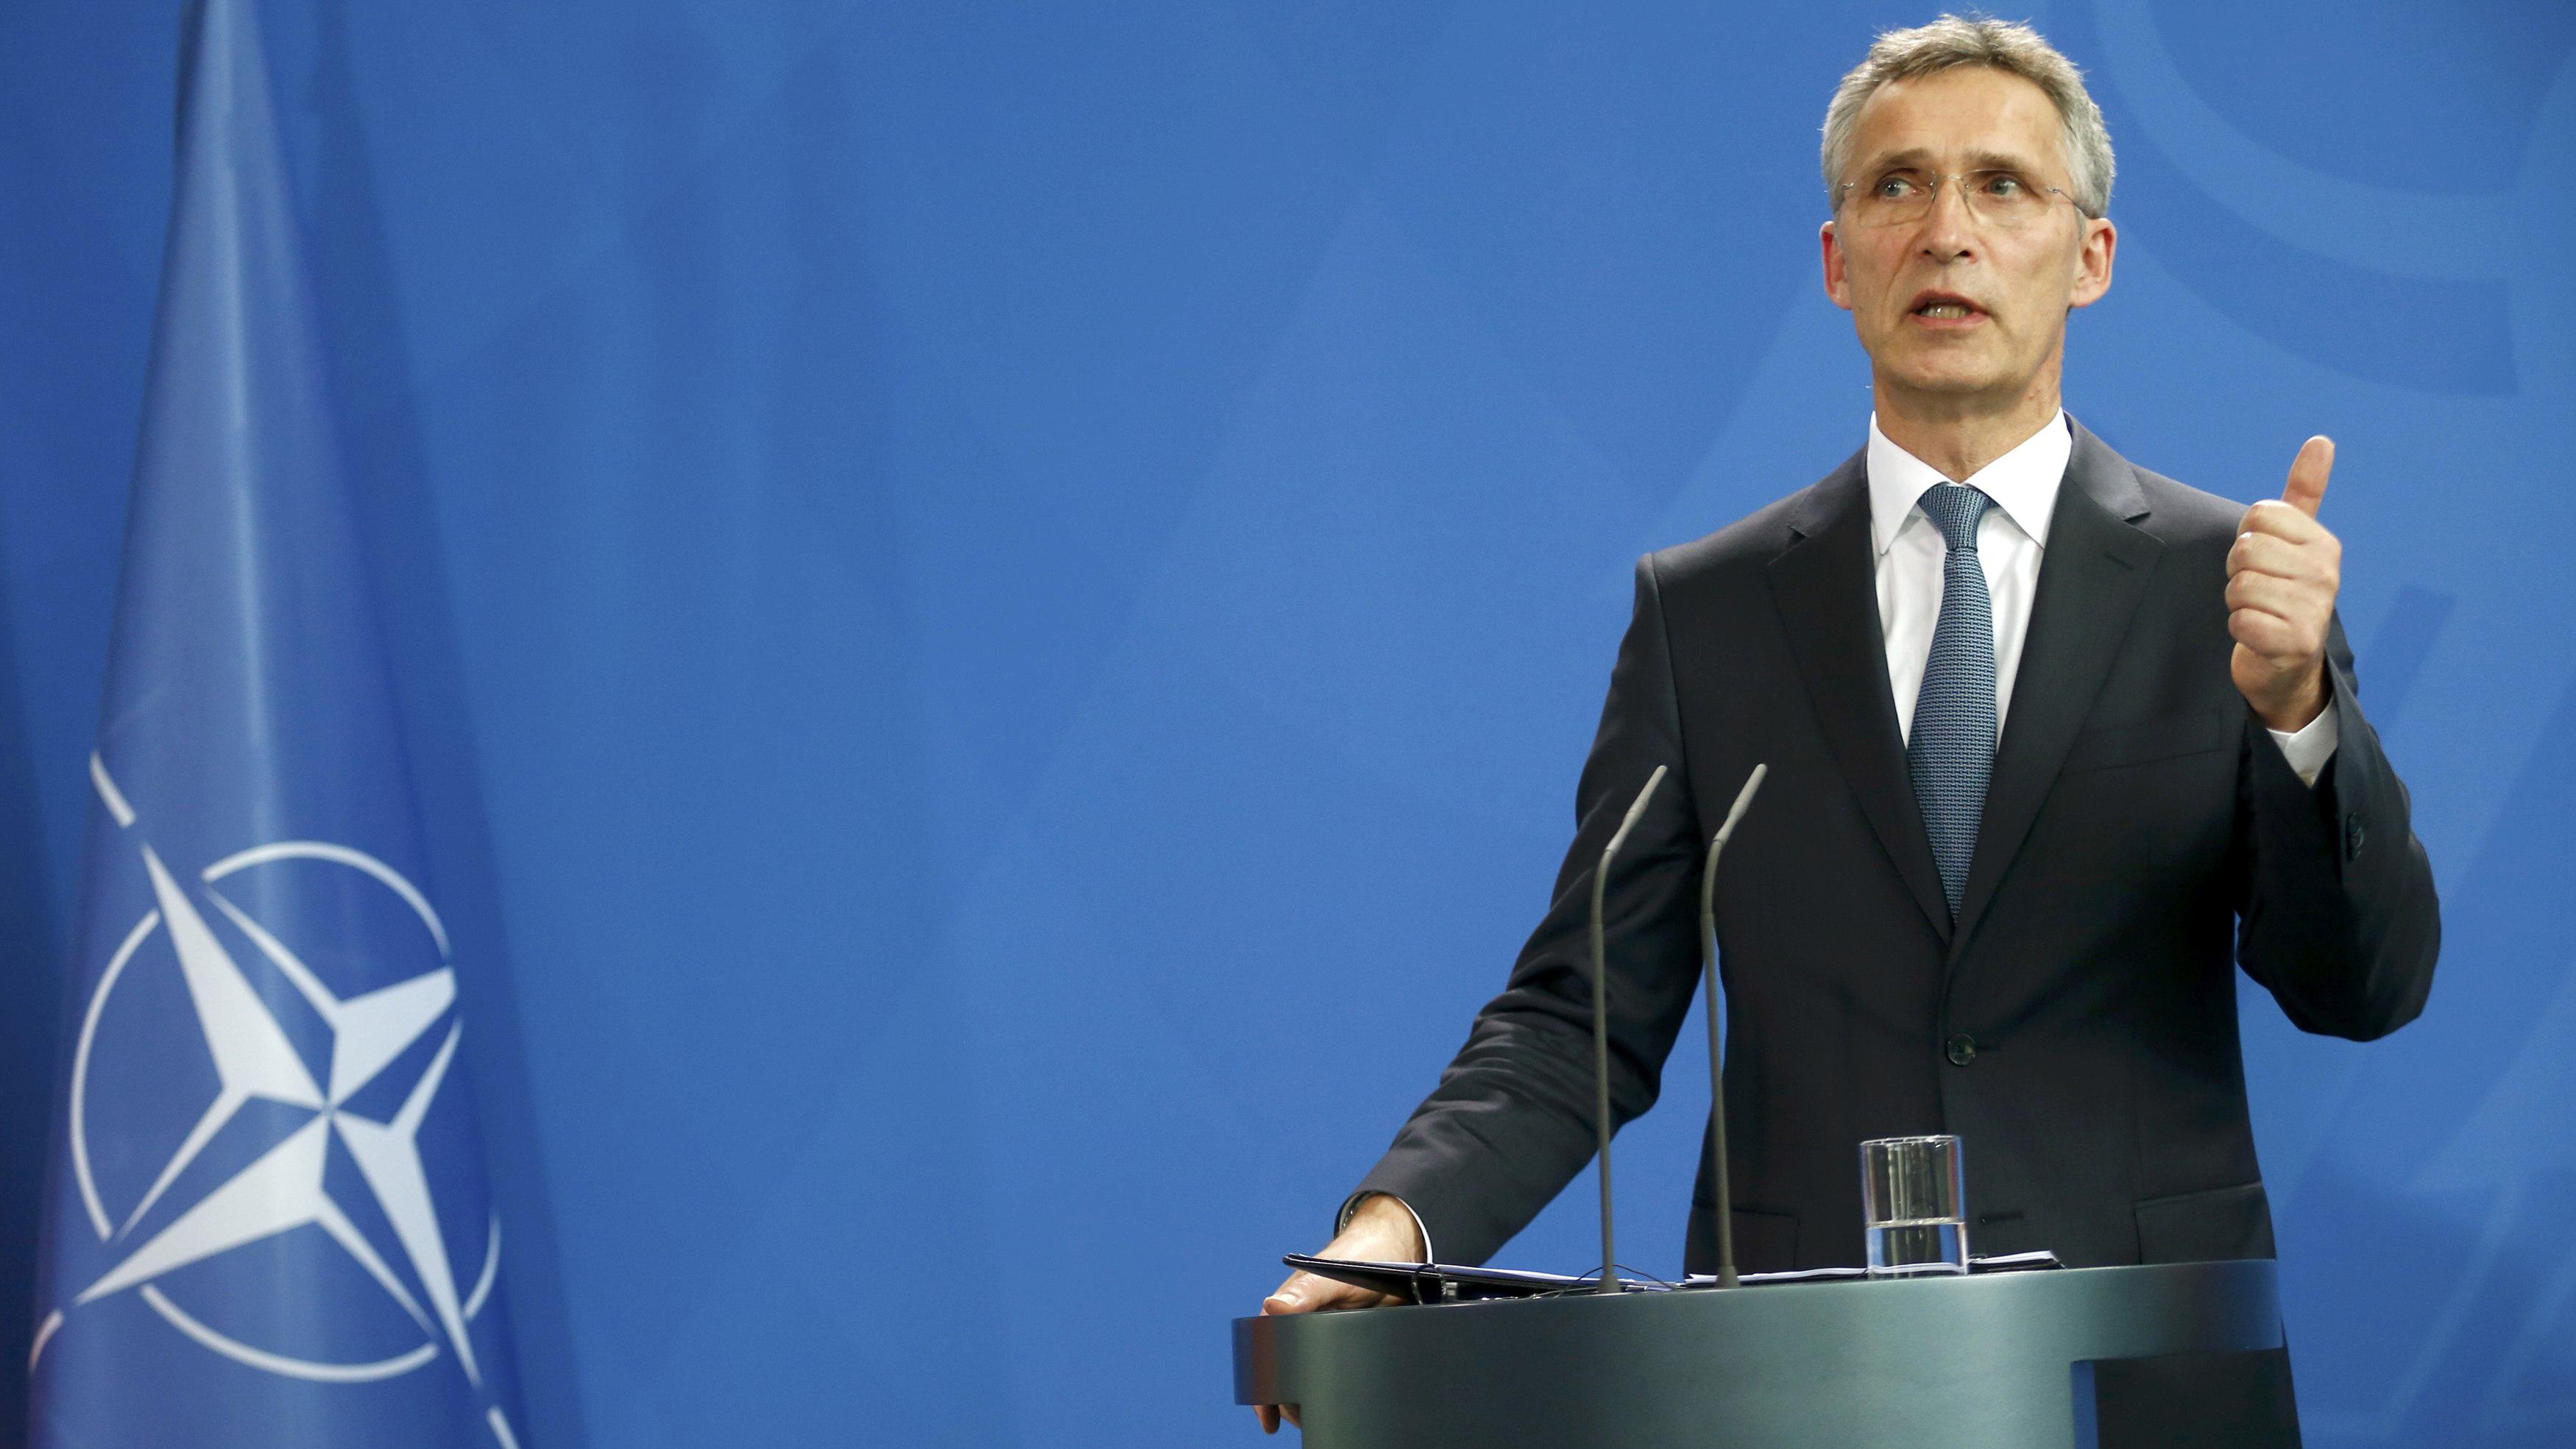 Санкции будут, покаРФ неизменит поведение— генеральный секретарь НАТО